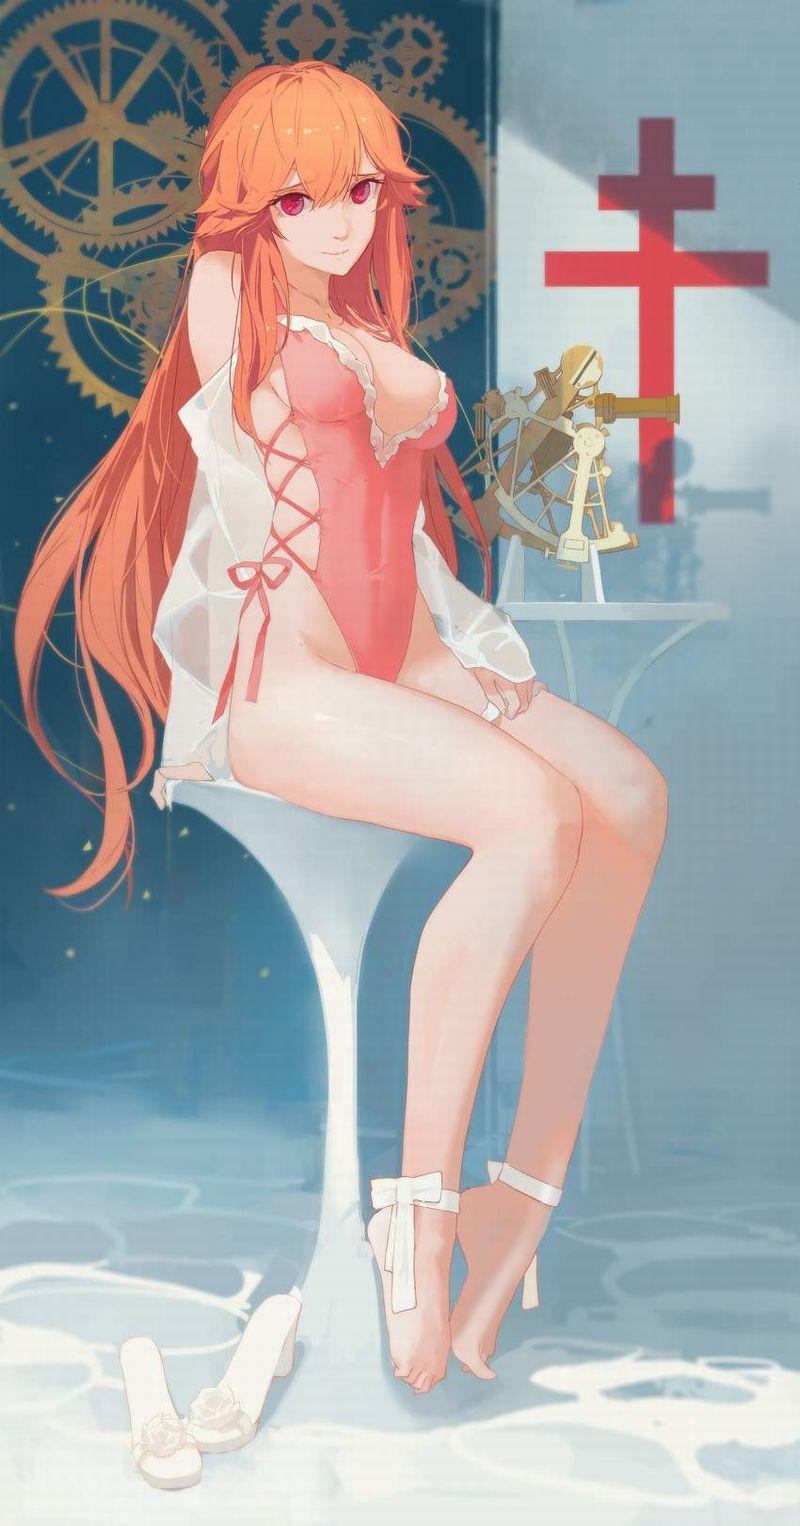 【アズールレーン】リシュリュー(Richelieu)のエロ画像【アズレン】【33】